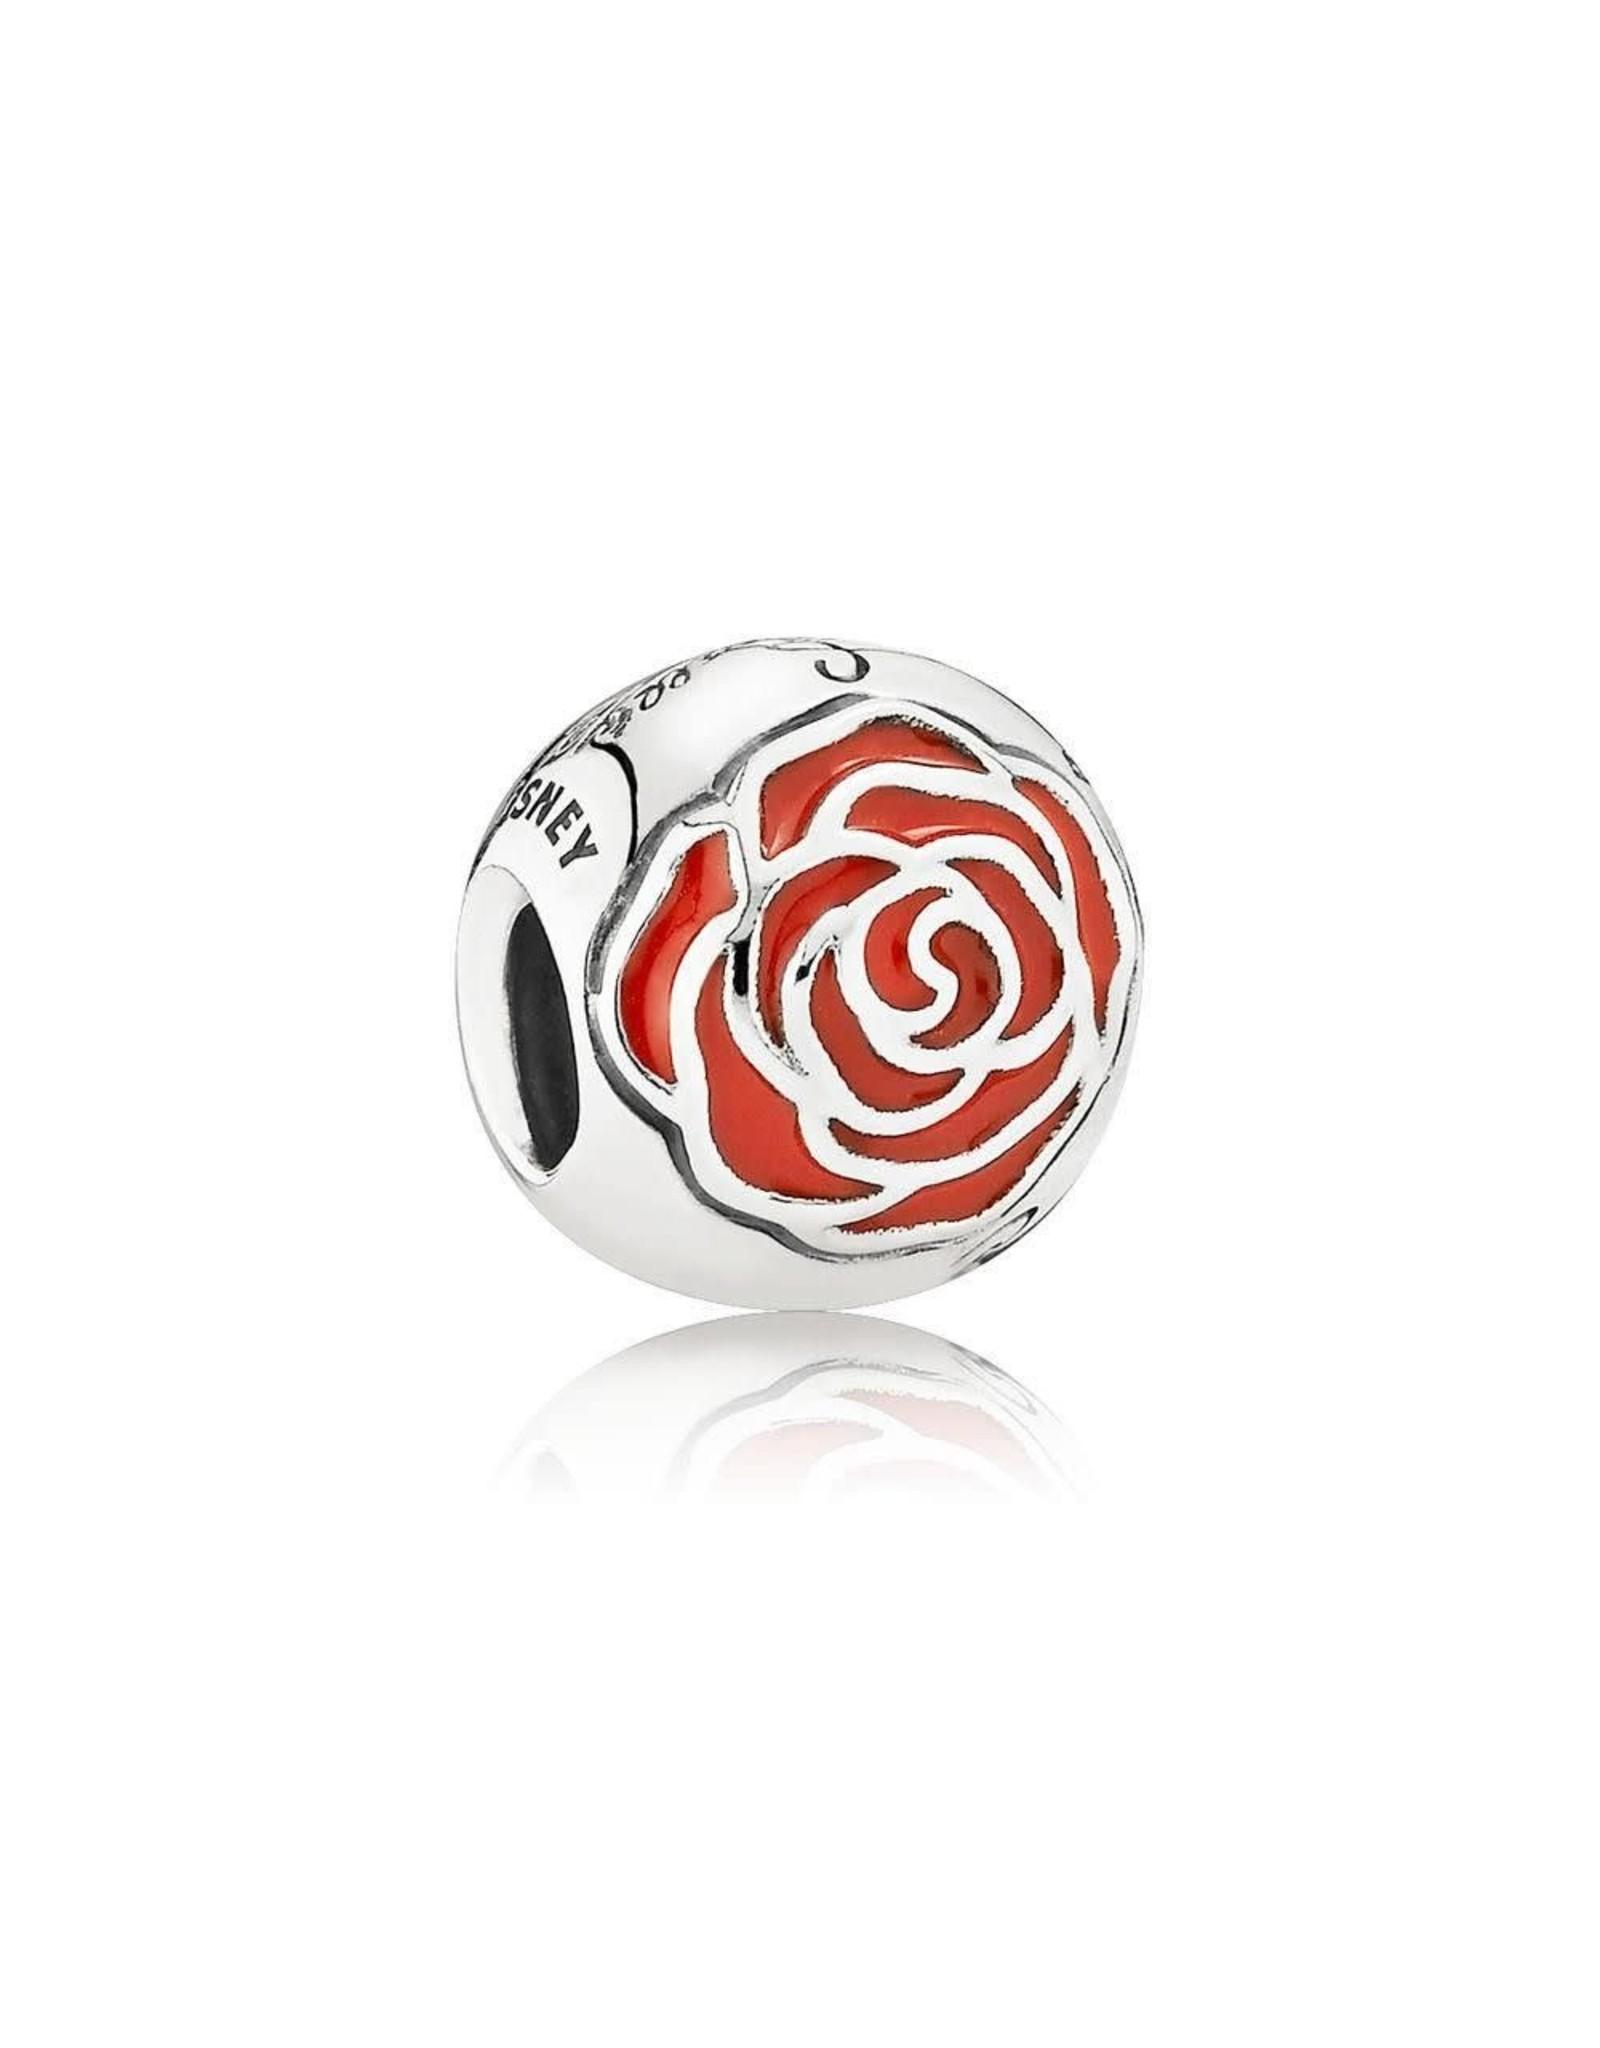 Pandora Pandora Disney Charm, Belle's Enchanted Rose